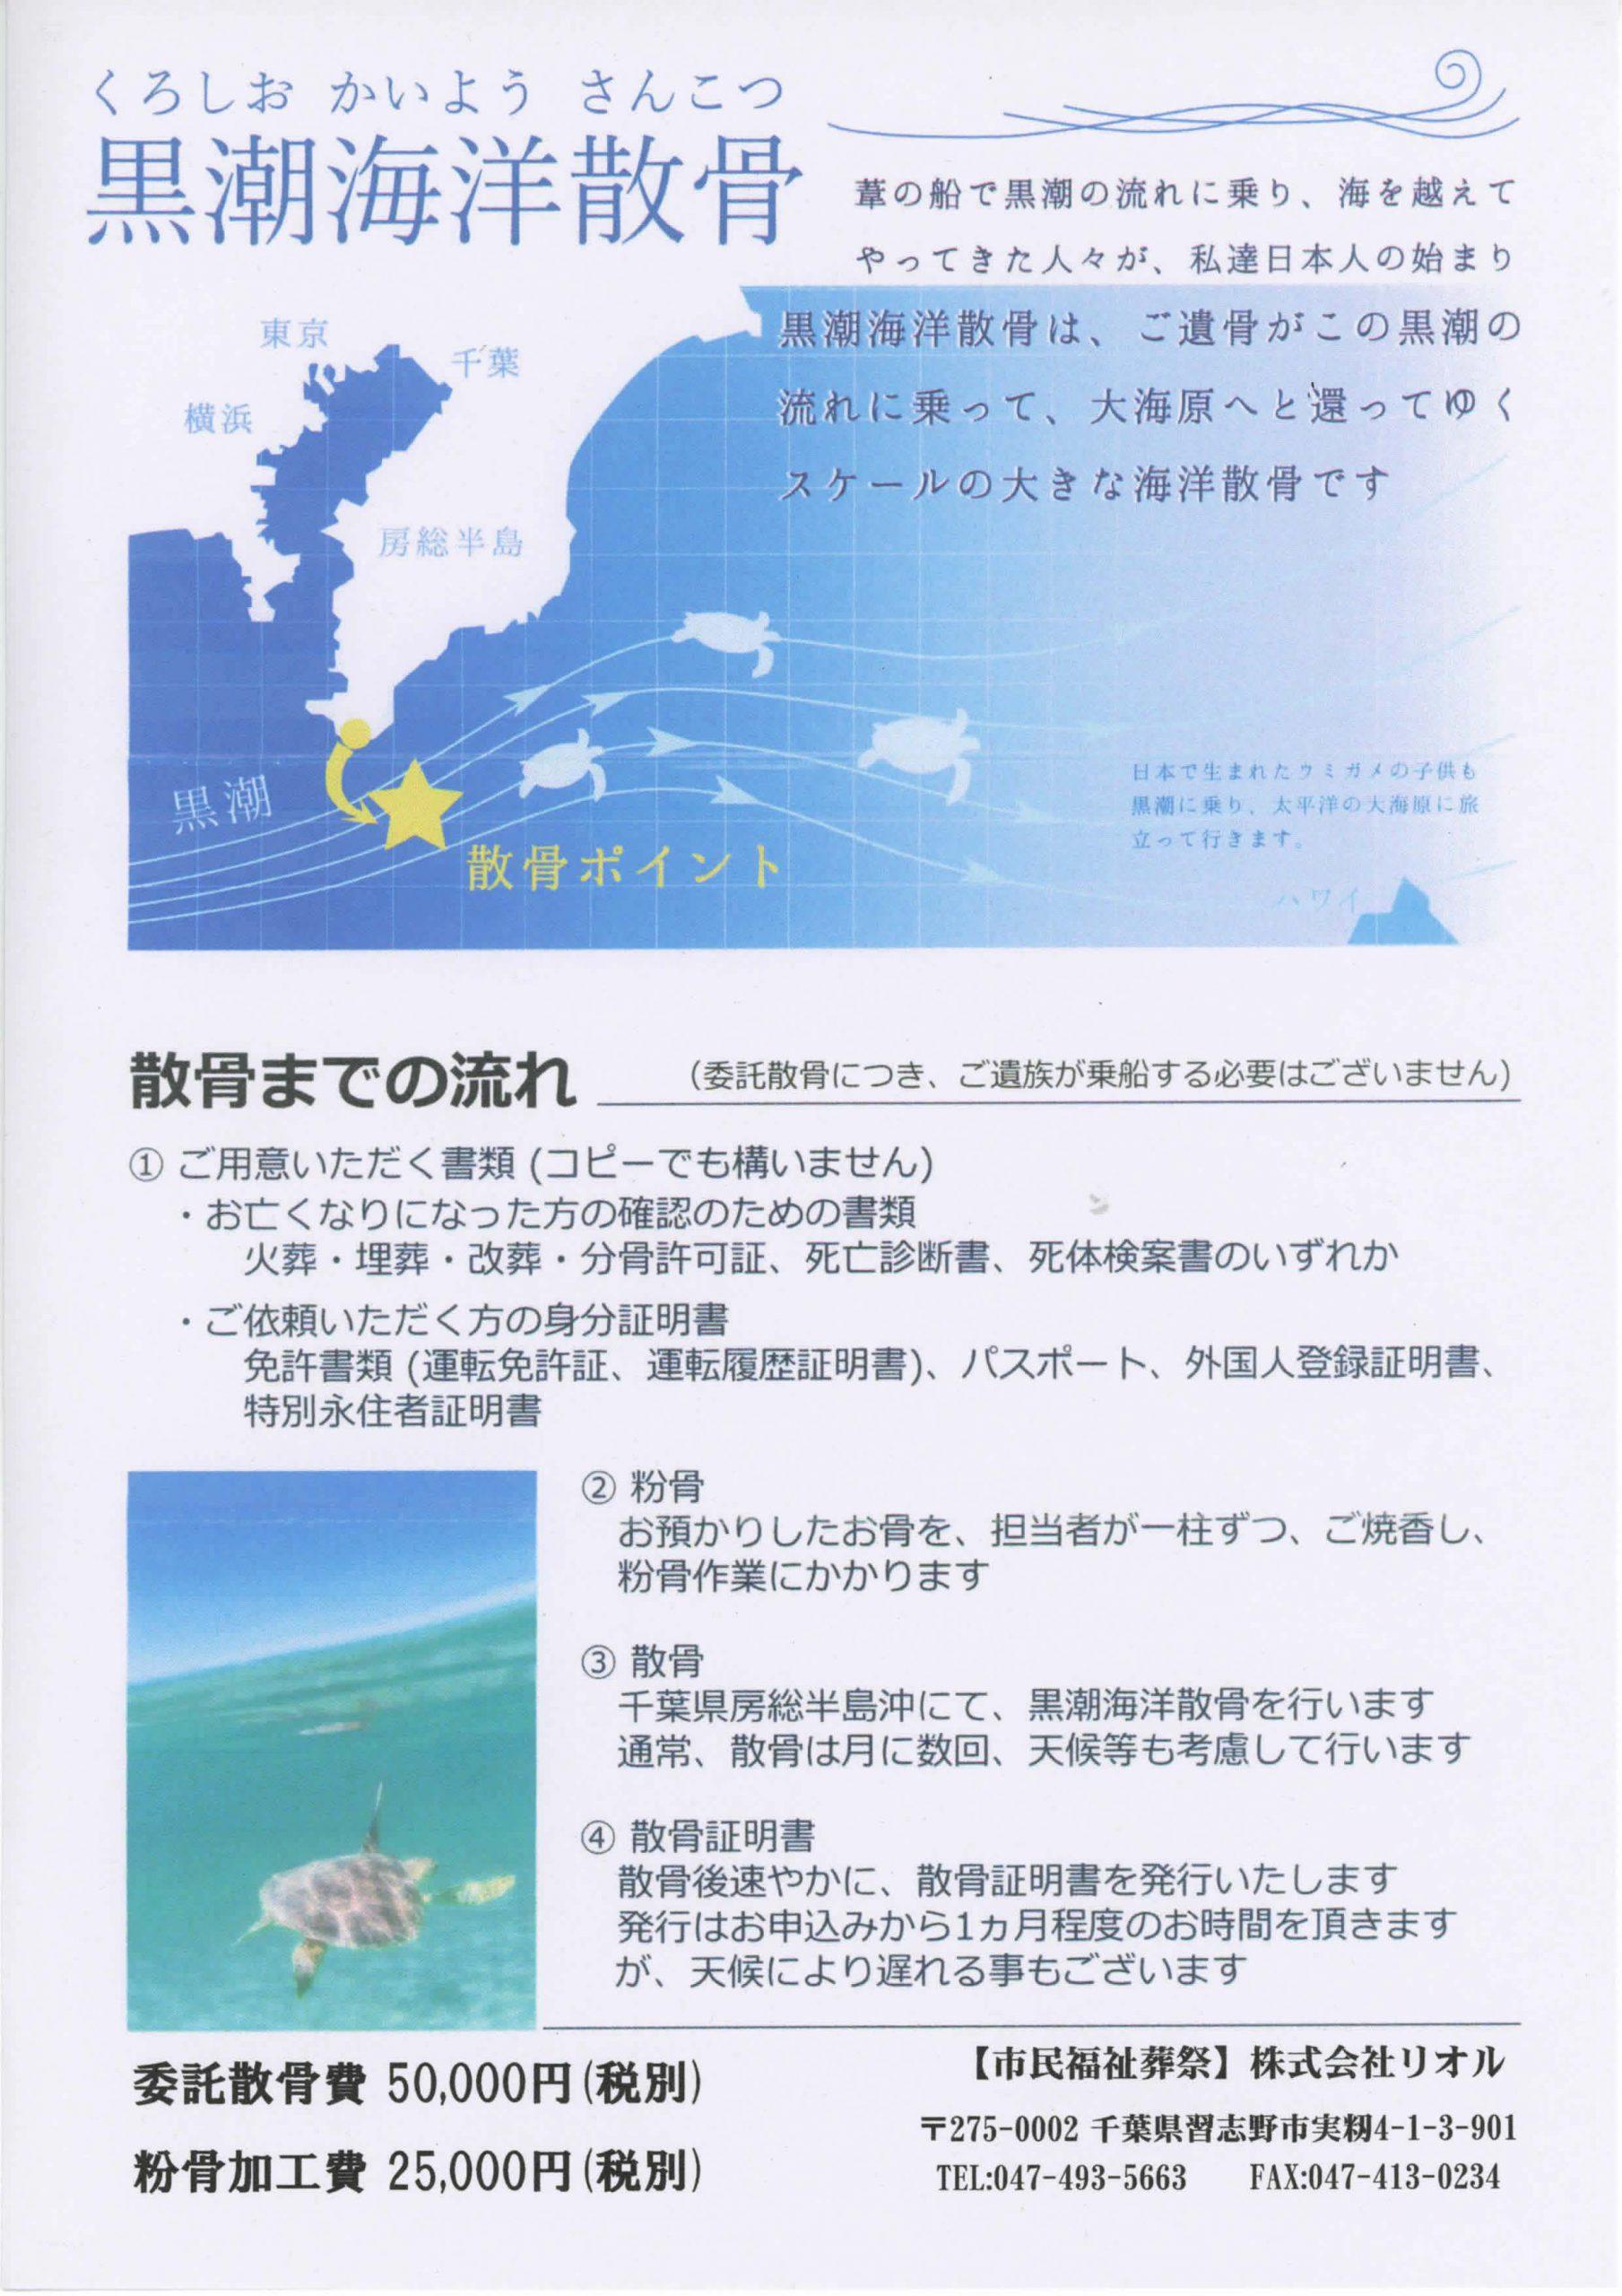 黒潮海洋散骨パンフレット